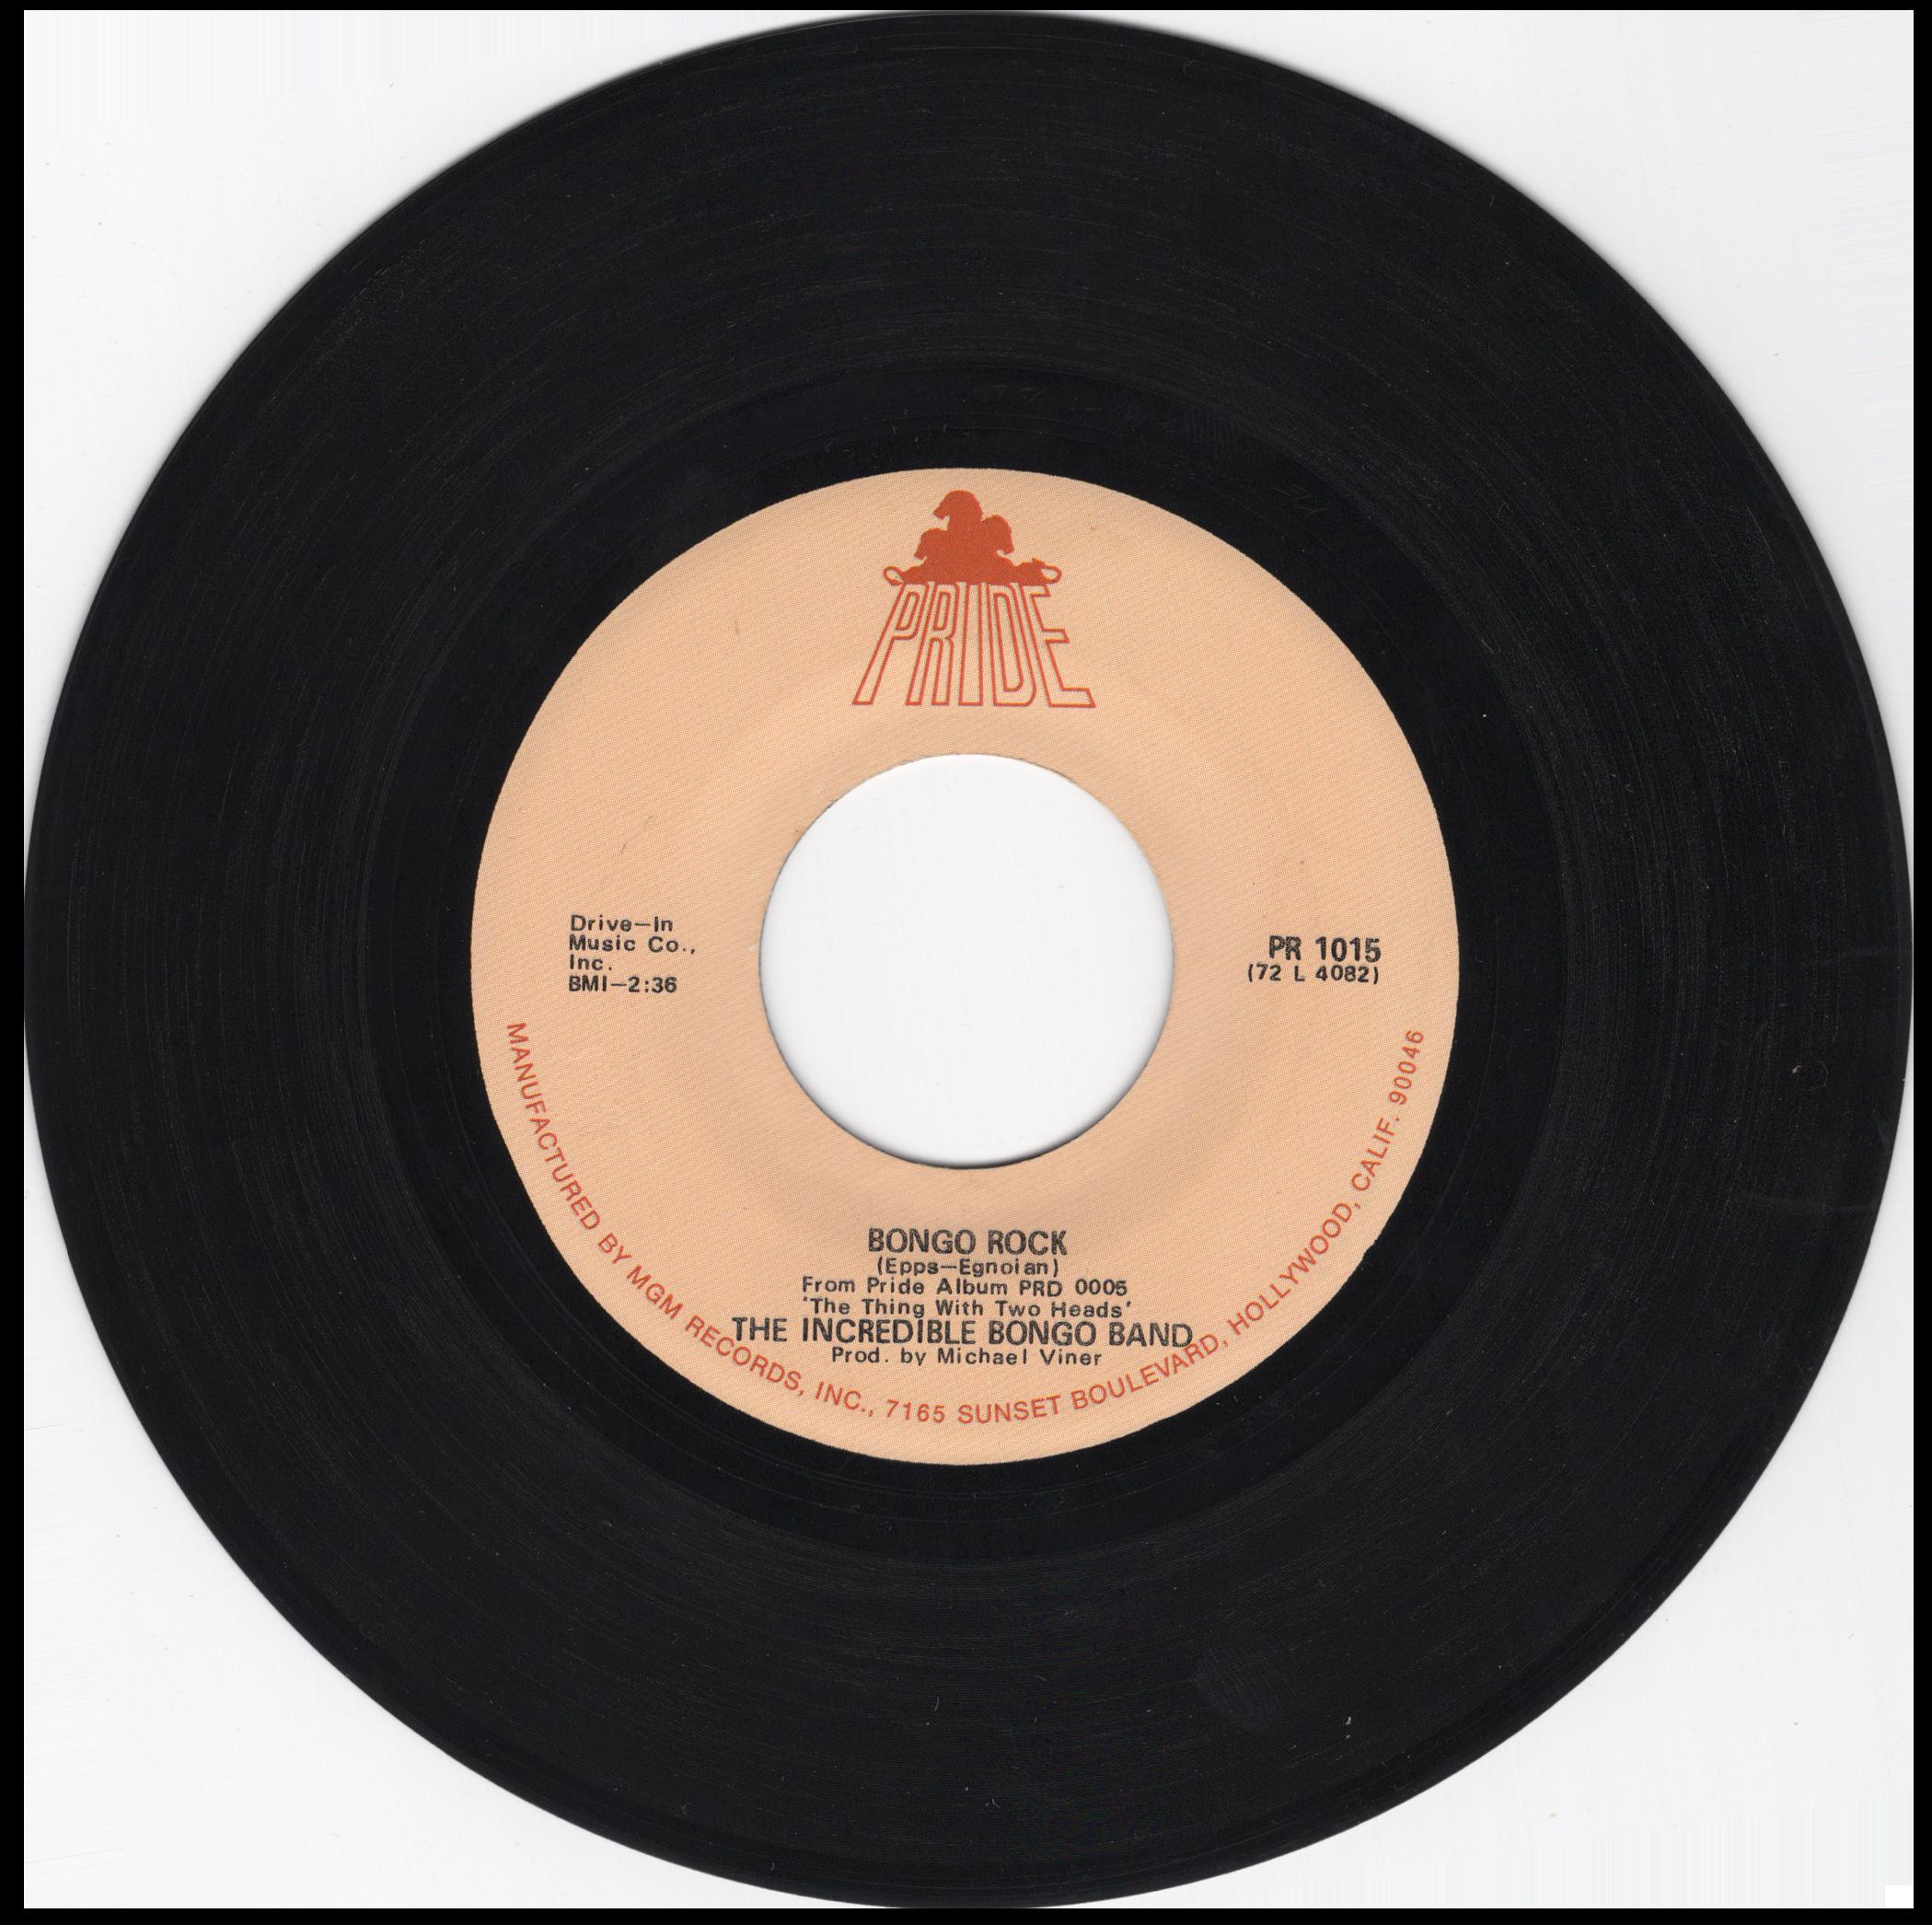 WLWLTDOO-1973-45-THE_INCREDIBLE_BONGO_BAND-BONGO_ROCK-PR1015.png